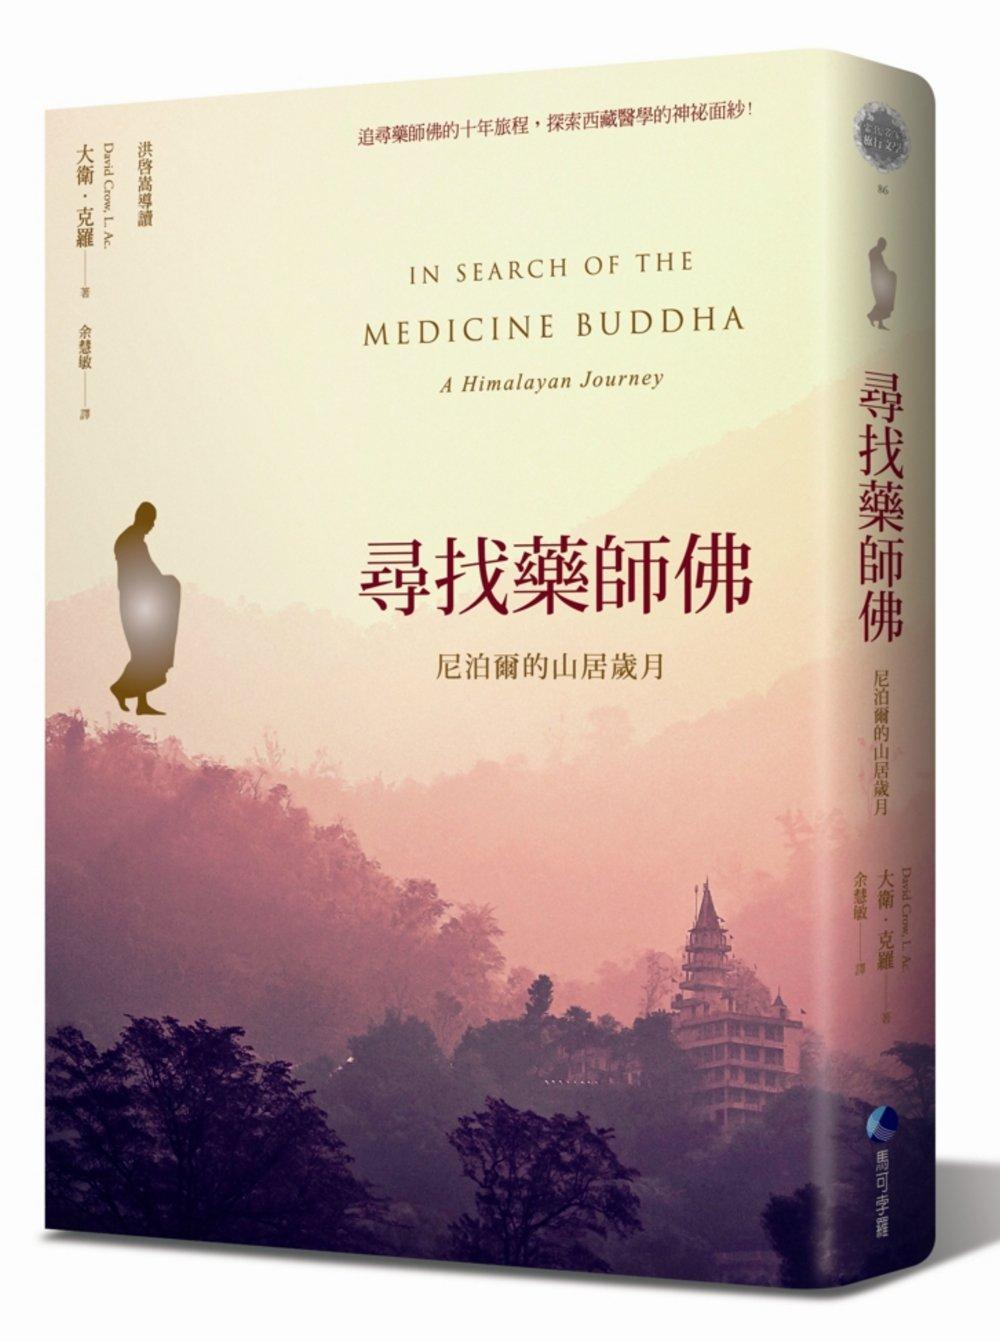 ◤博客來BOOKS◢ 暢銷書榜《推薦》尋找藥師佛:尼泊爾的山居歲月